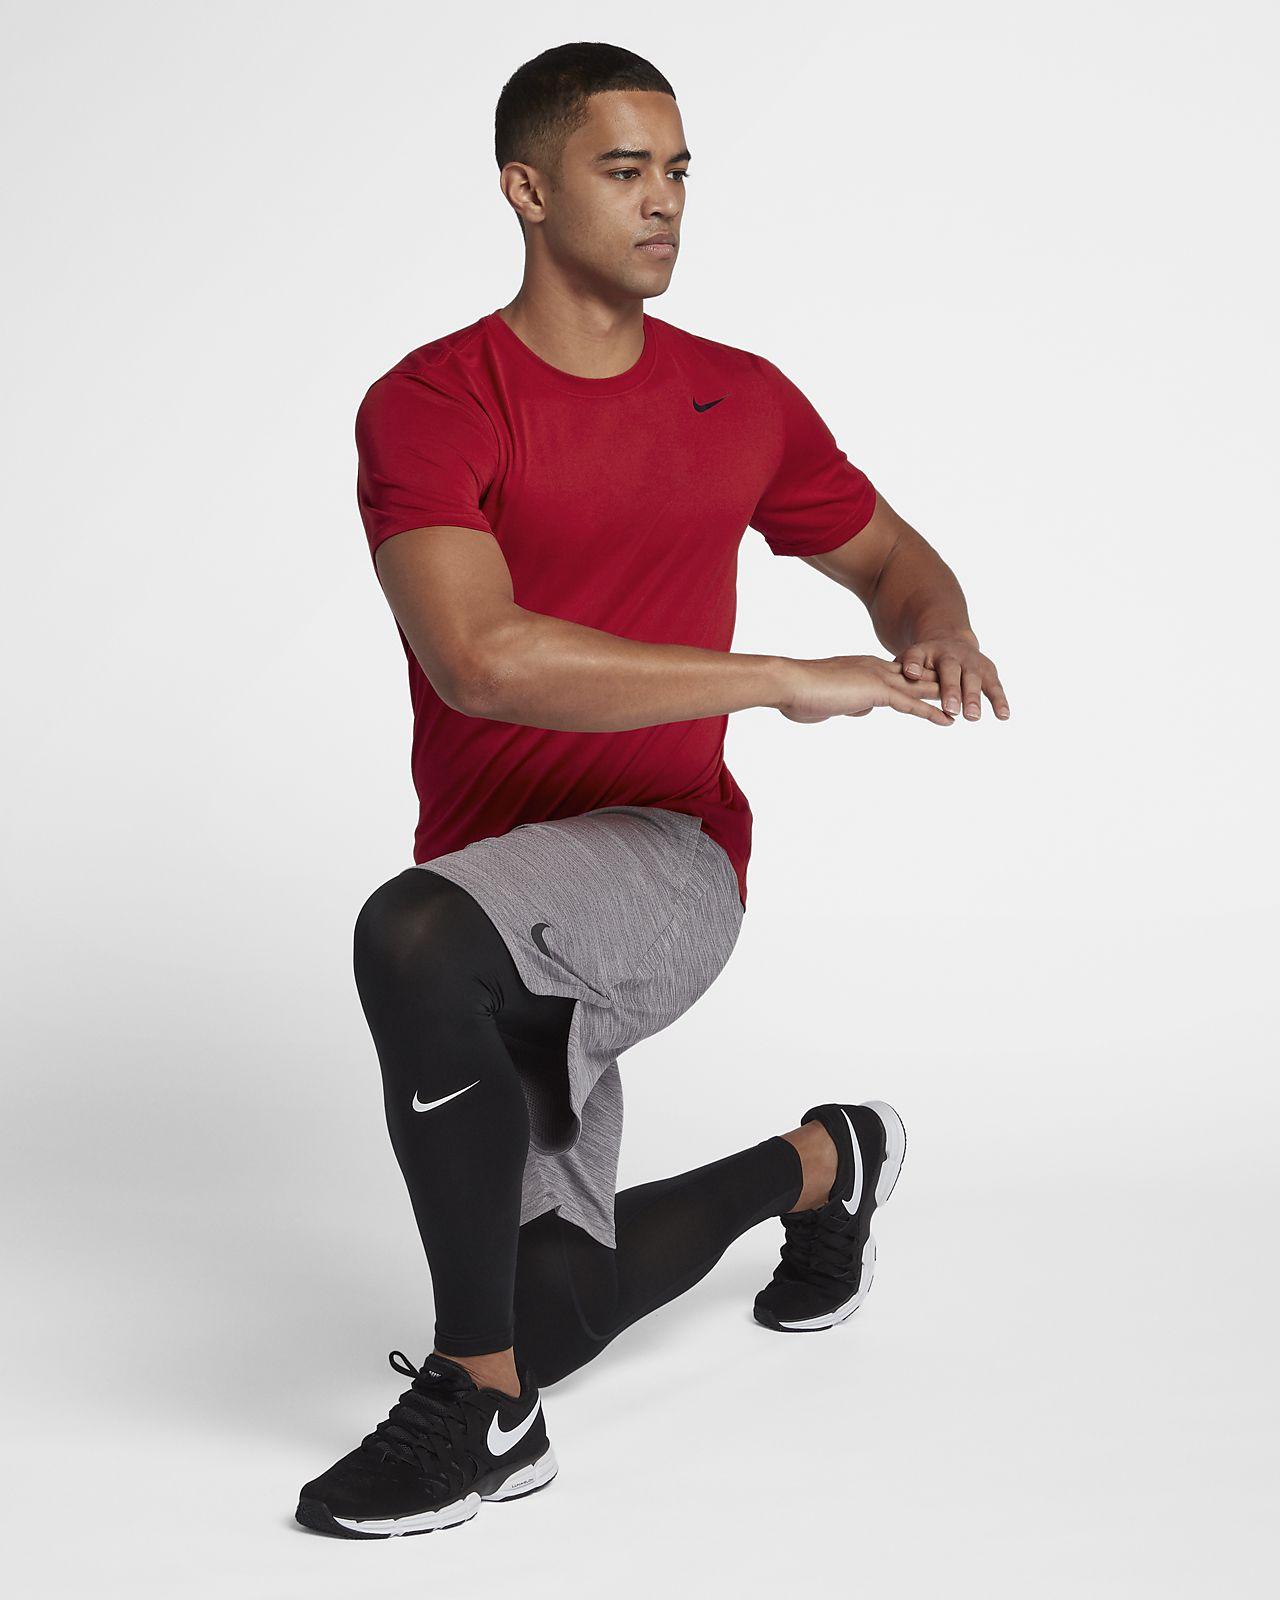 Nike Men/'s Legend 2.0 Dri-fit T-Shirt 718833 657 NWT Red Size 2XLT XXL TALL